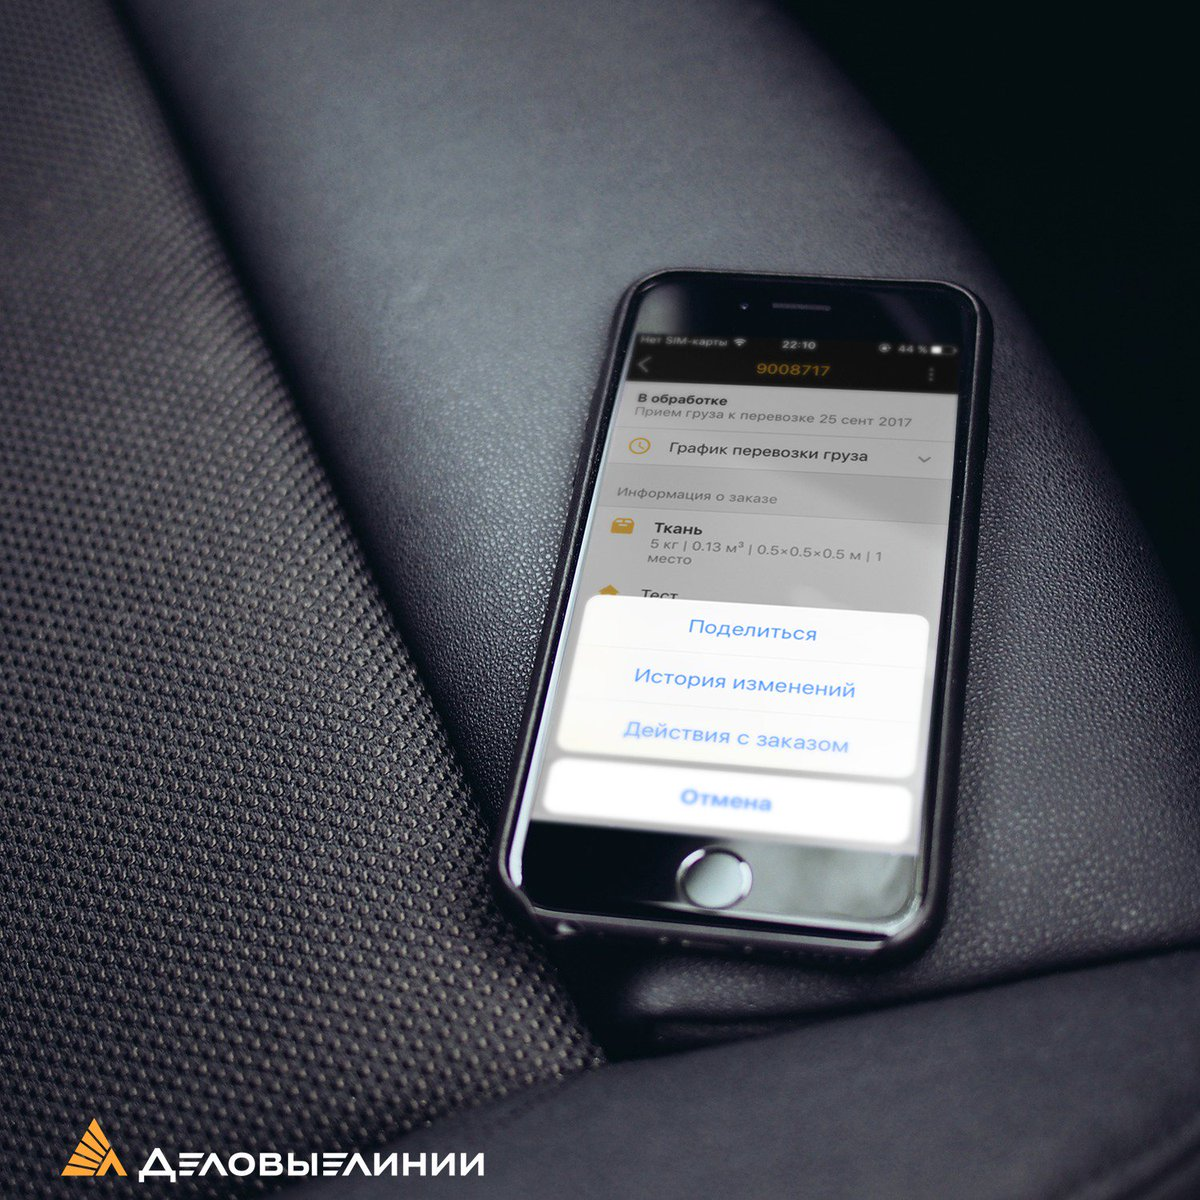 Приложения для айфона